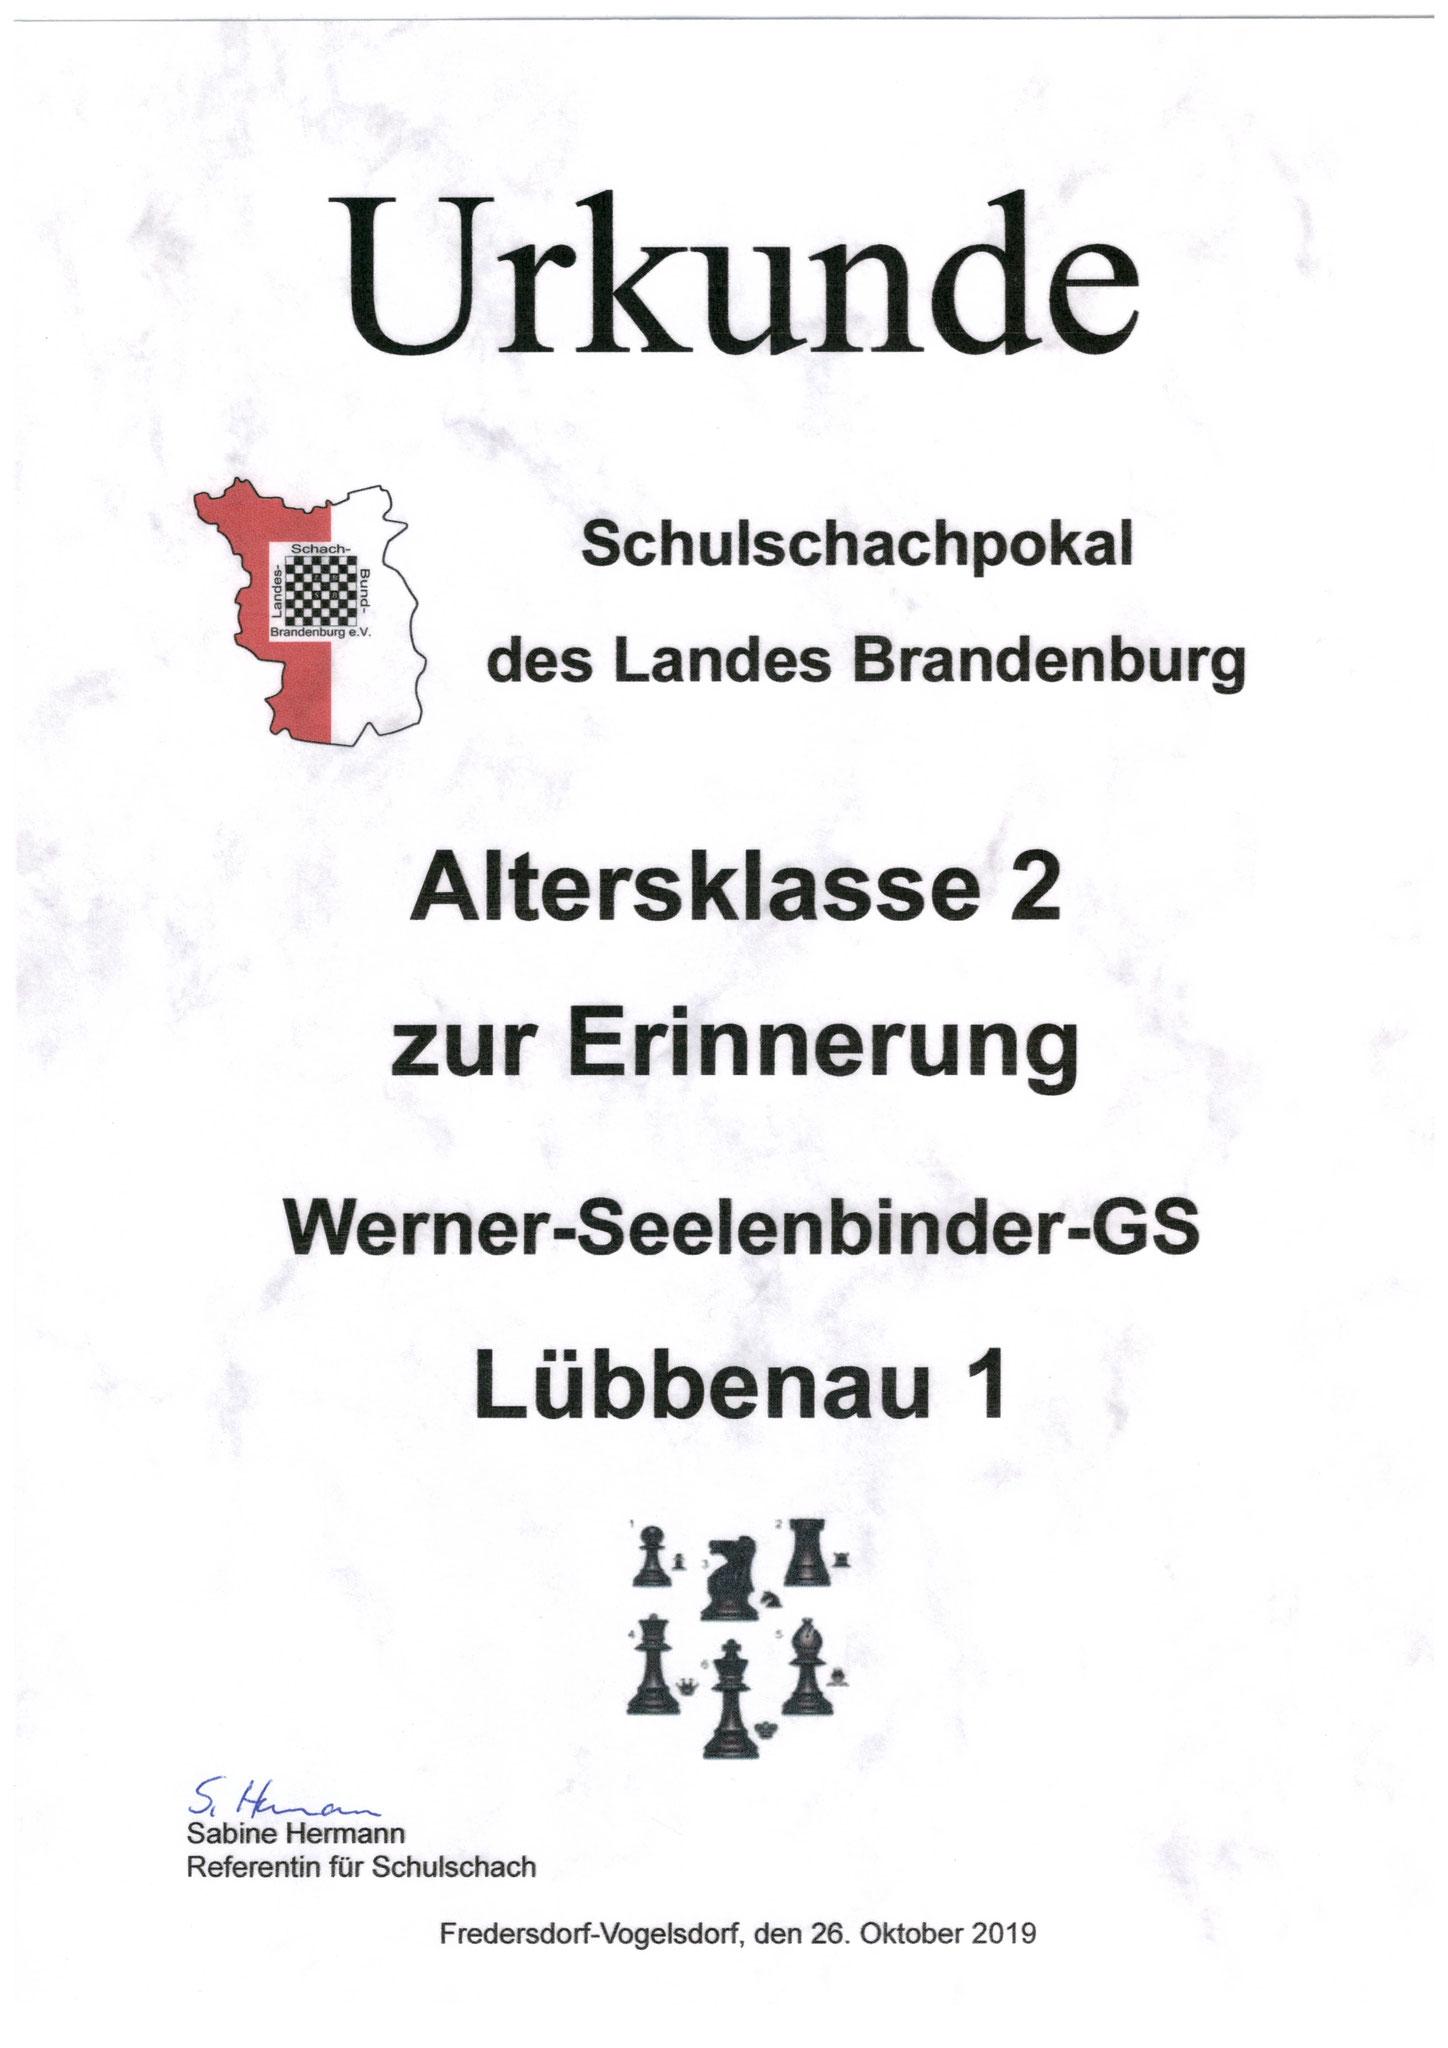 AK 2 : Die Teilnehmerurkunde des Teams der Werner-Seelenbinder-GS I in voller Größe